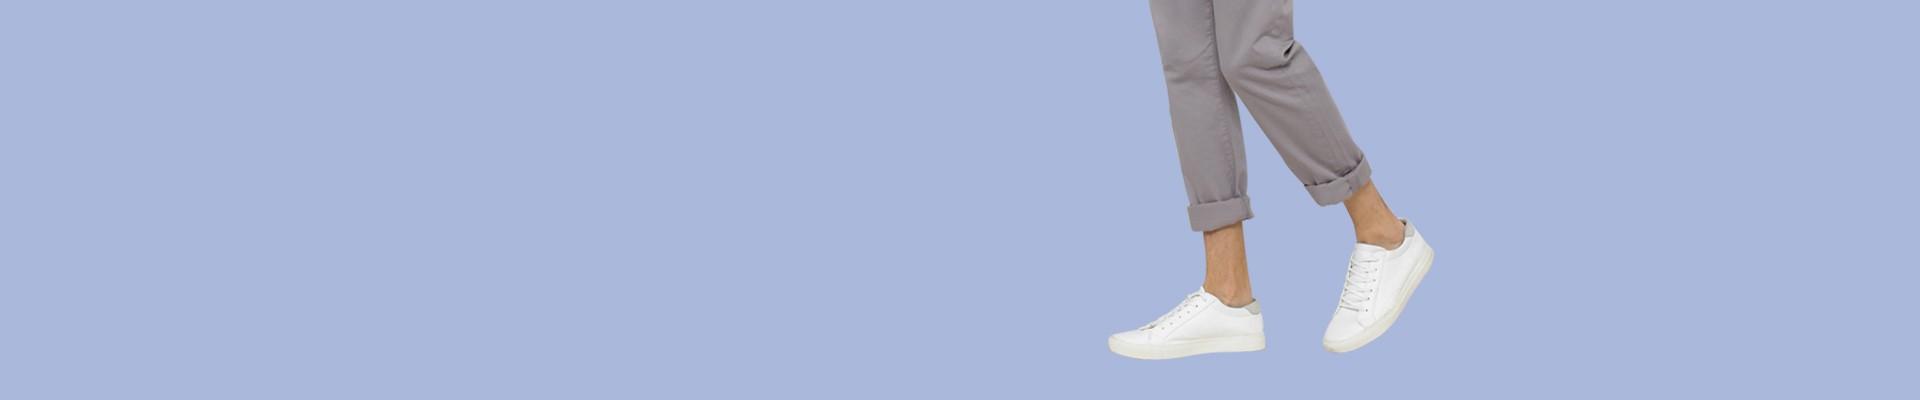 Jual Sepatu Sneakers Pria / Kets Pria - Model Baru & Harga Murah